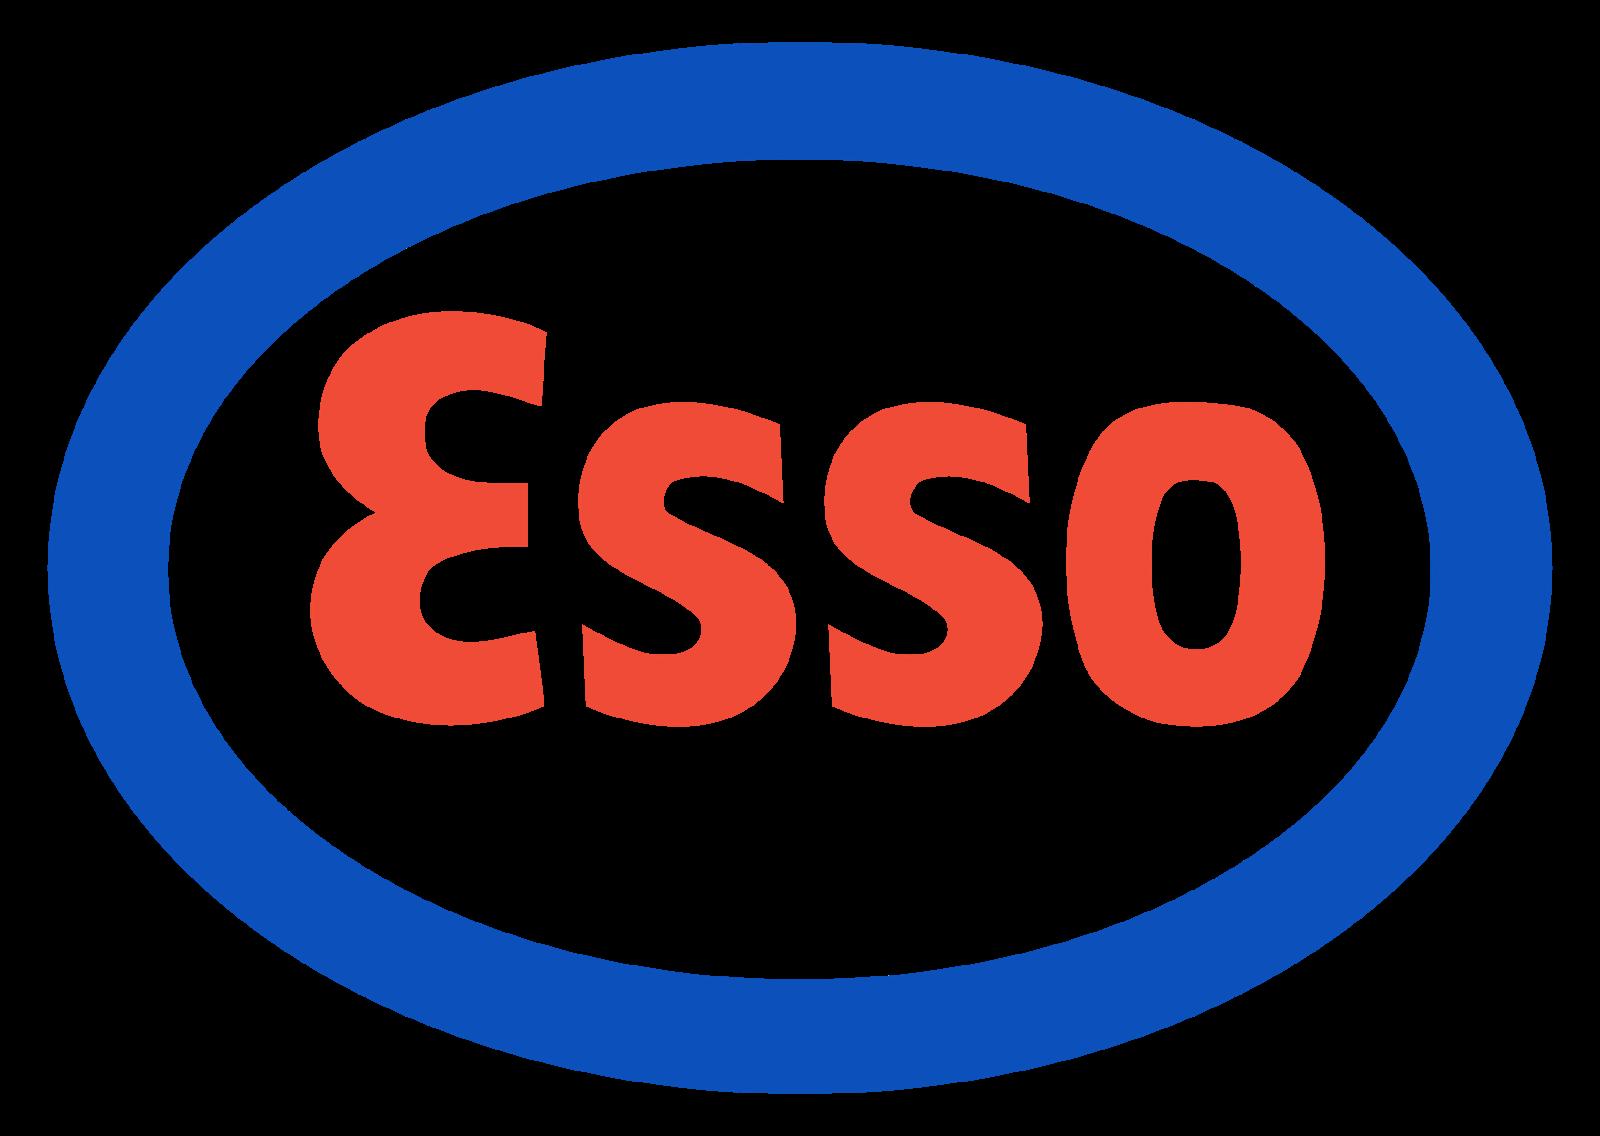 Esso Logo Vector ~ Free Vector Logos Download